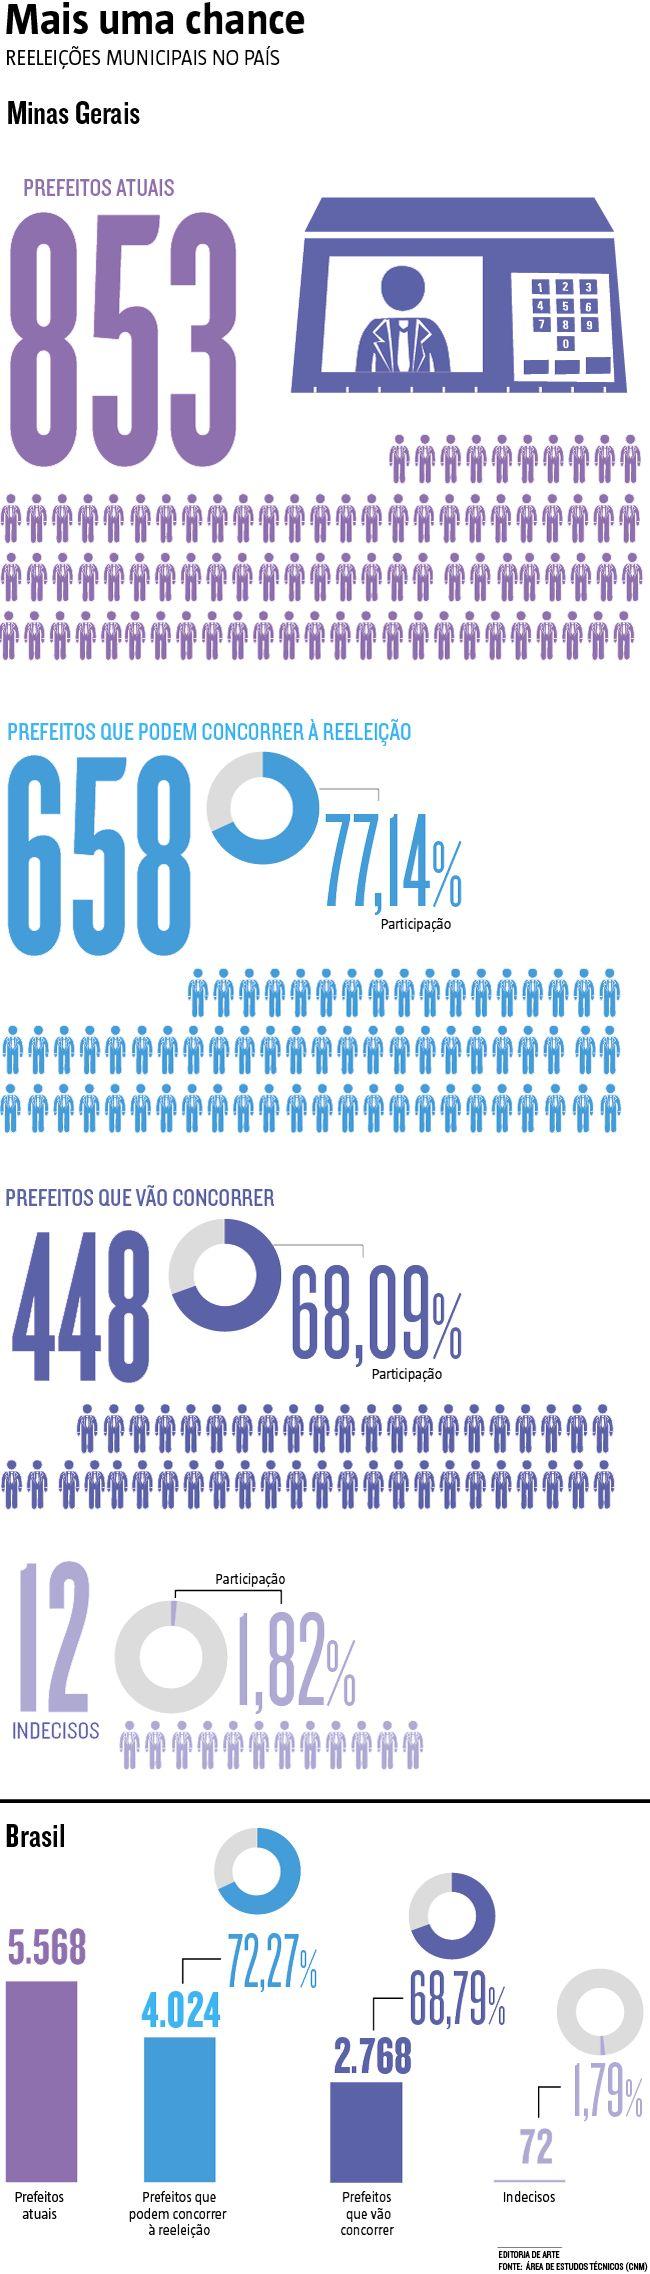 A crise financeira bate à porta das eleições municipais. Por causa da arrecadação de impostos em queda livre e da falta de verba para manter os projetos propostos, o índice de prefeitos em busca de reeleição é 68,8%, segundo levantamento da Confederação Nacional dos Municípios (CNM). Parece alto, mas é o menor dos últimos oito anos. (10/08/2016) #Reeleições #Eleições #Política #Infográfico #Infografia #HojeEmDia